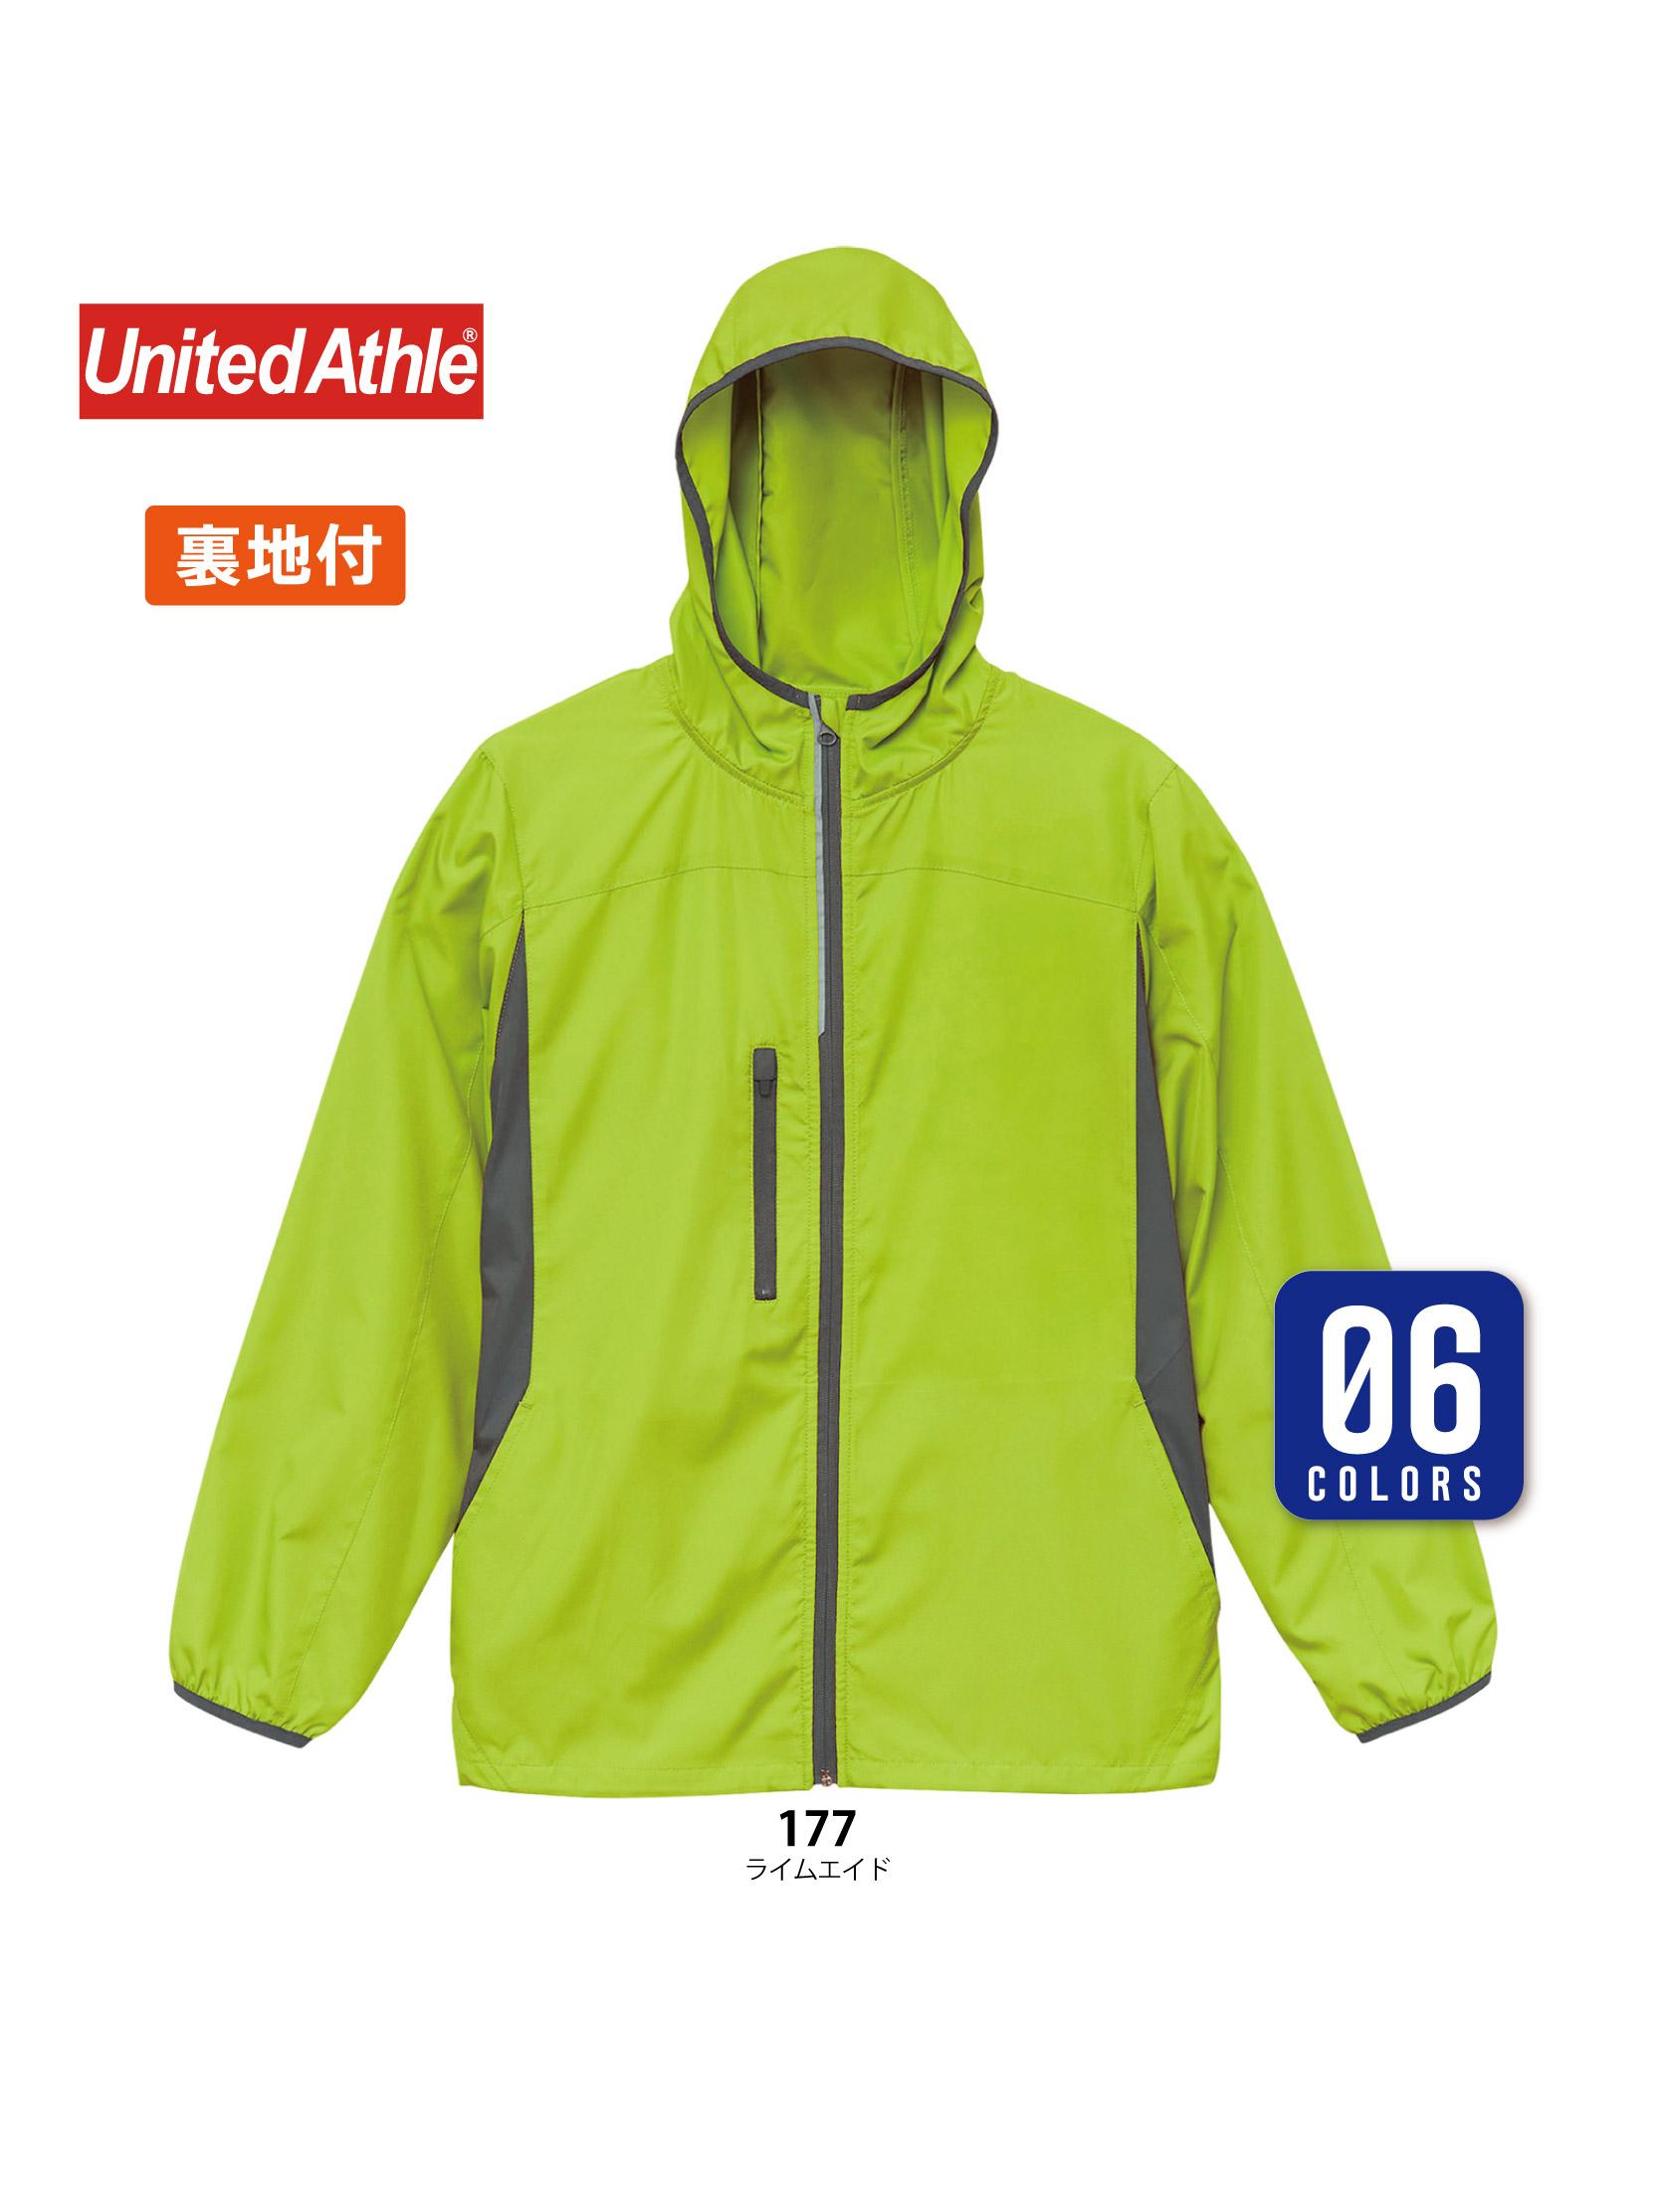 7067-01 マイクロリップストップ フルジップパーカ(裏地付)(United Athle)